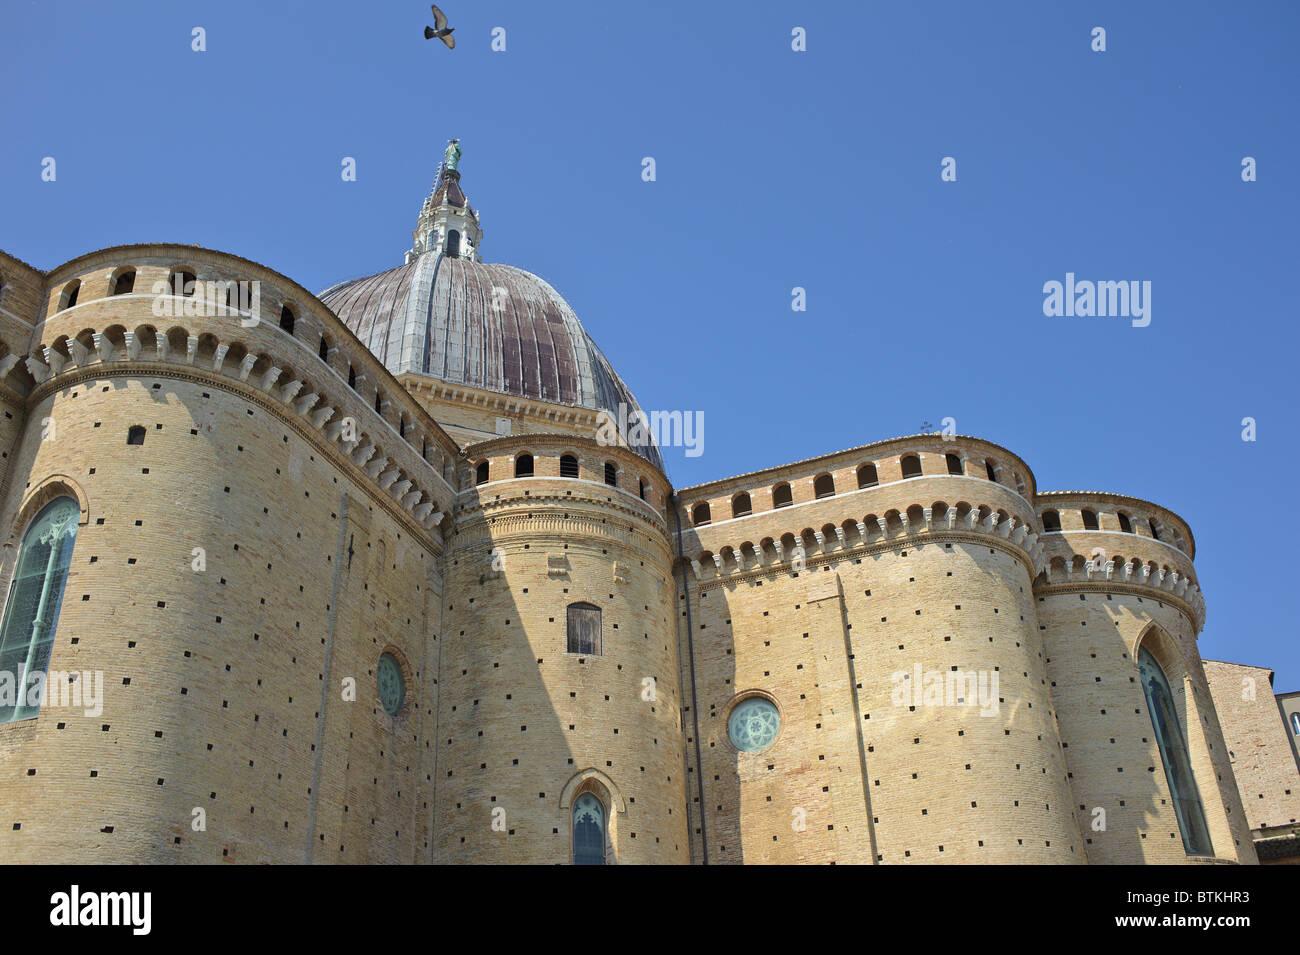 italy loreto shrine pilgrimage - Stock Image